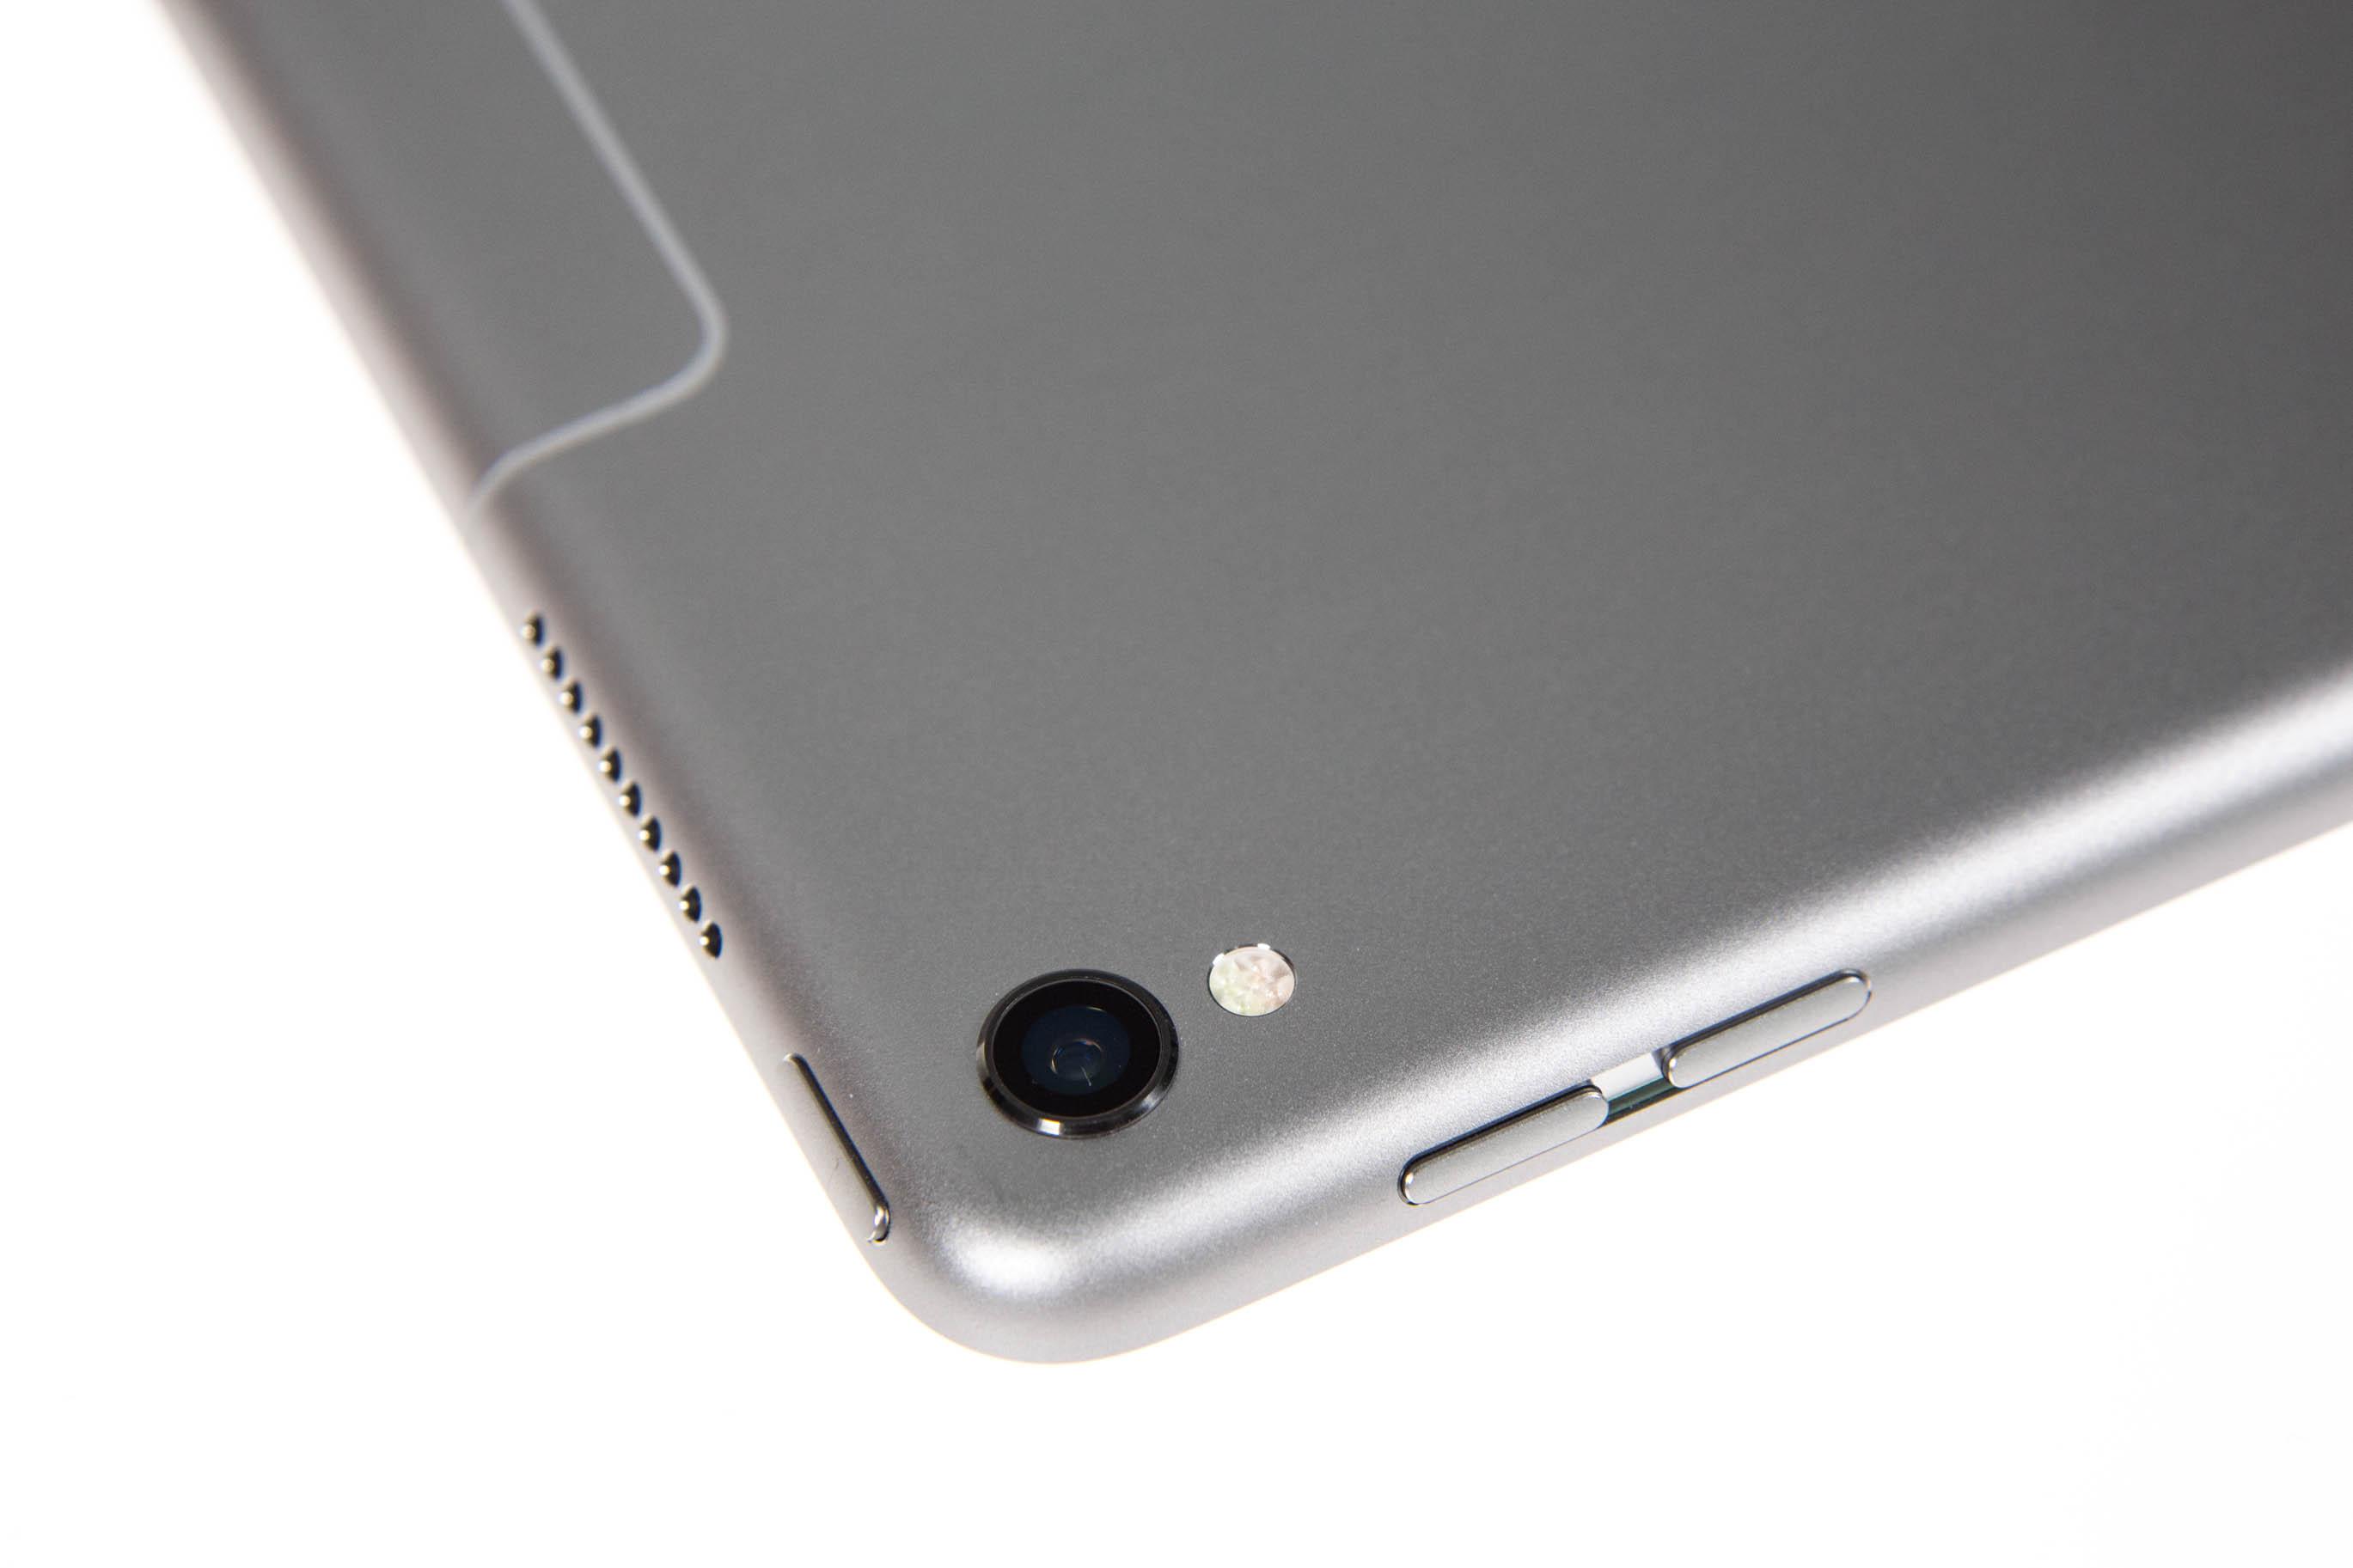 Neues iPad Pro im Test: Von der Hardware her ein Laptop - Die Kamera ist die des iPhone 7 und hat 12 Megapixel. (Bild: Martin Wolf/Golem.de)